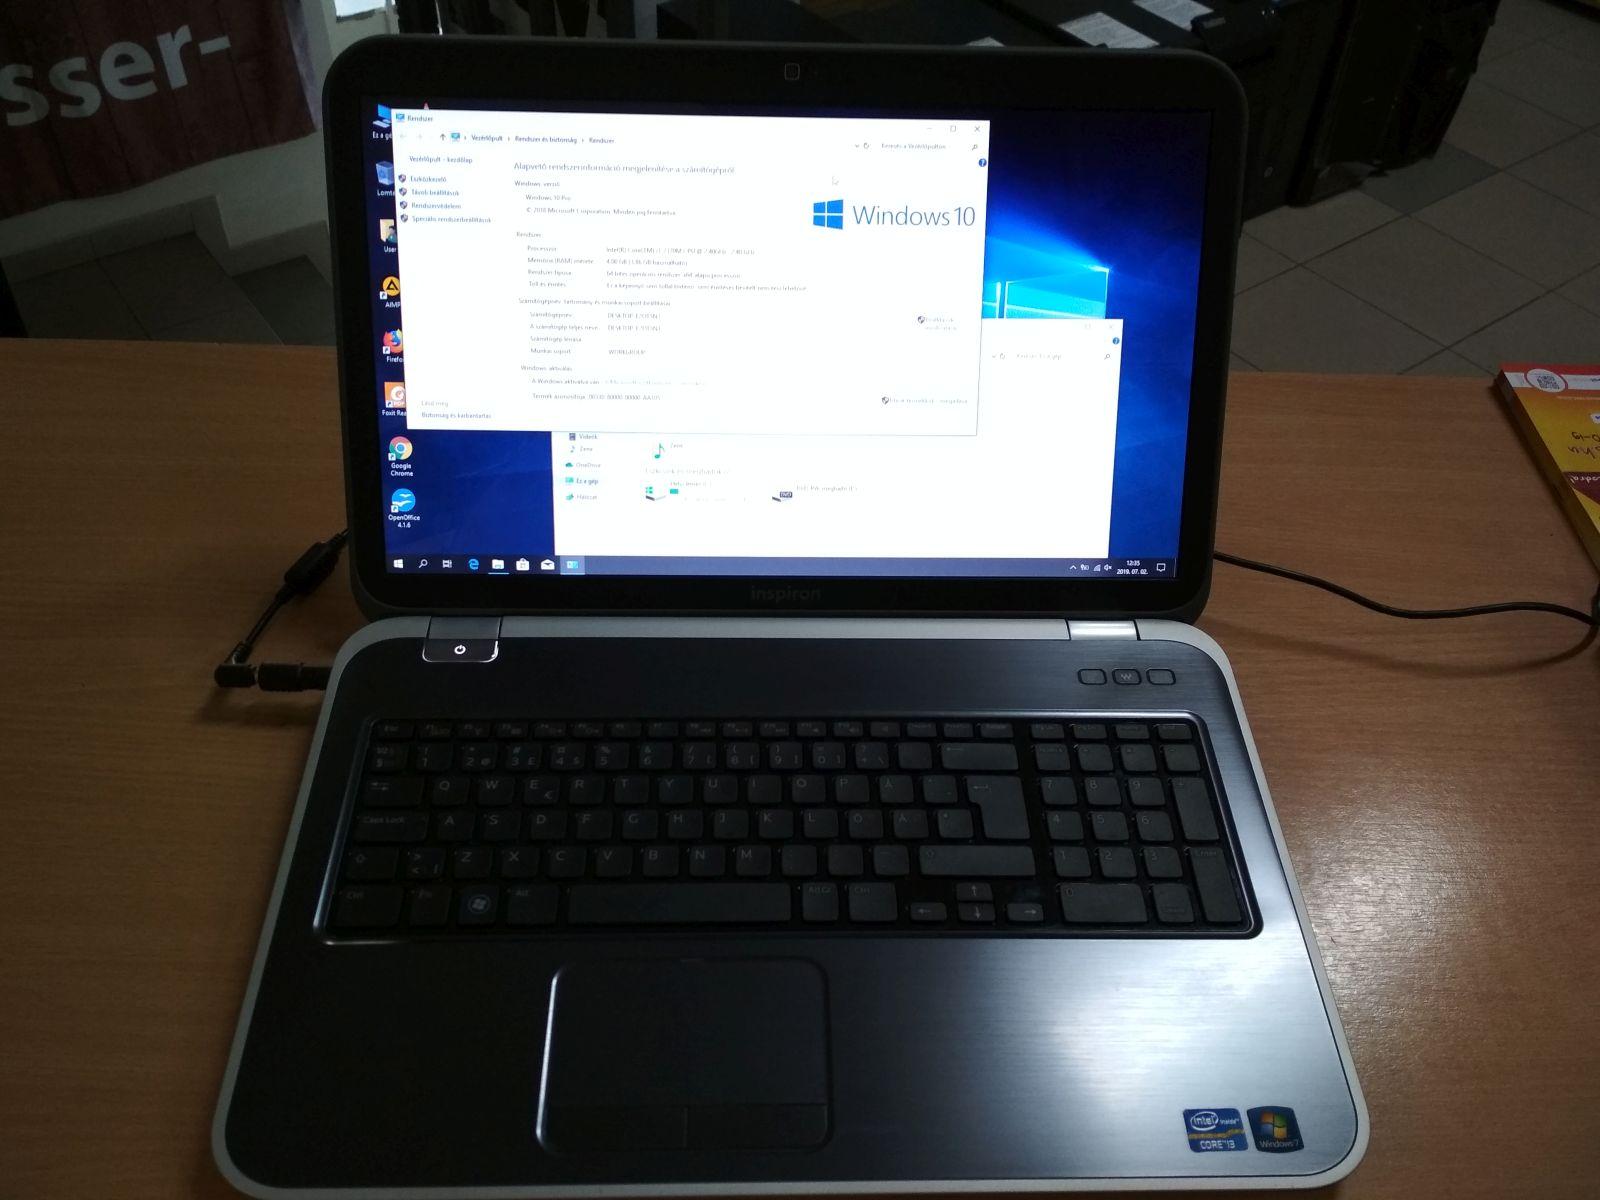 Dell Inspiron 17R 5720 17,3 i3 / 4GB / 320GB HDD használt laptop 3 hó gar!